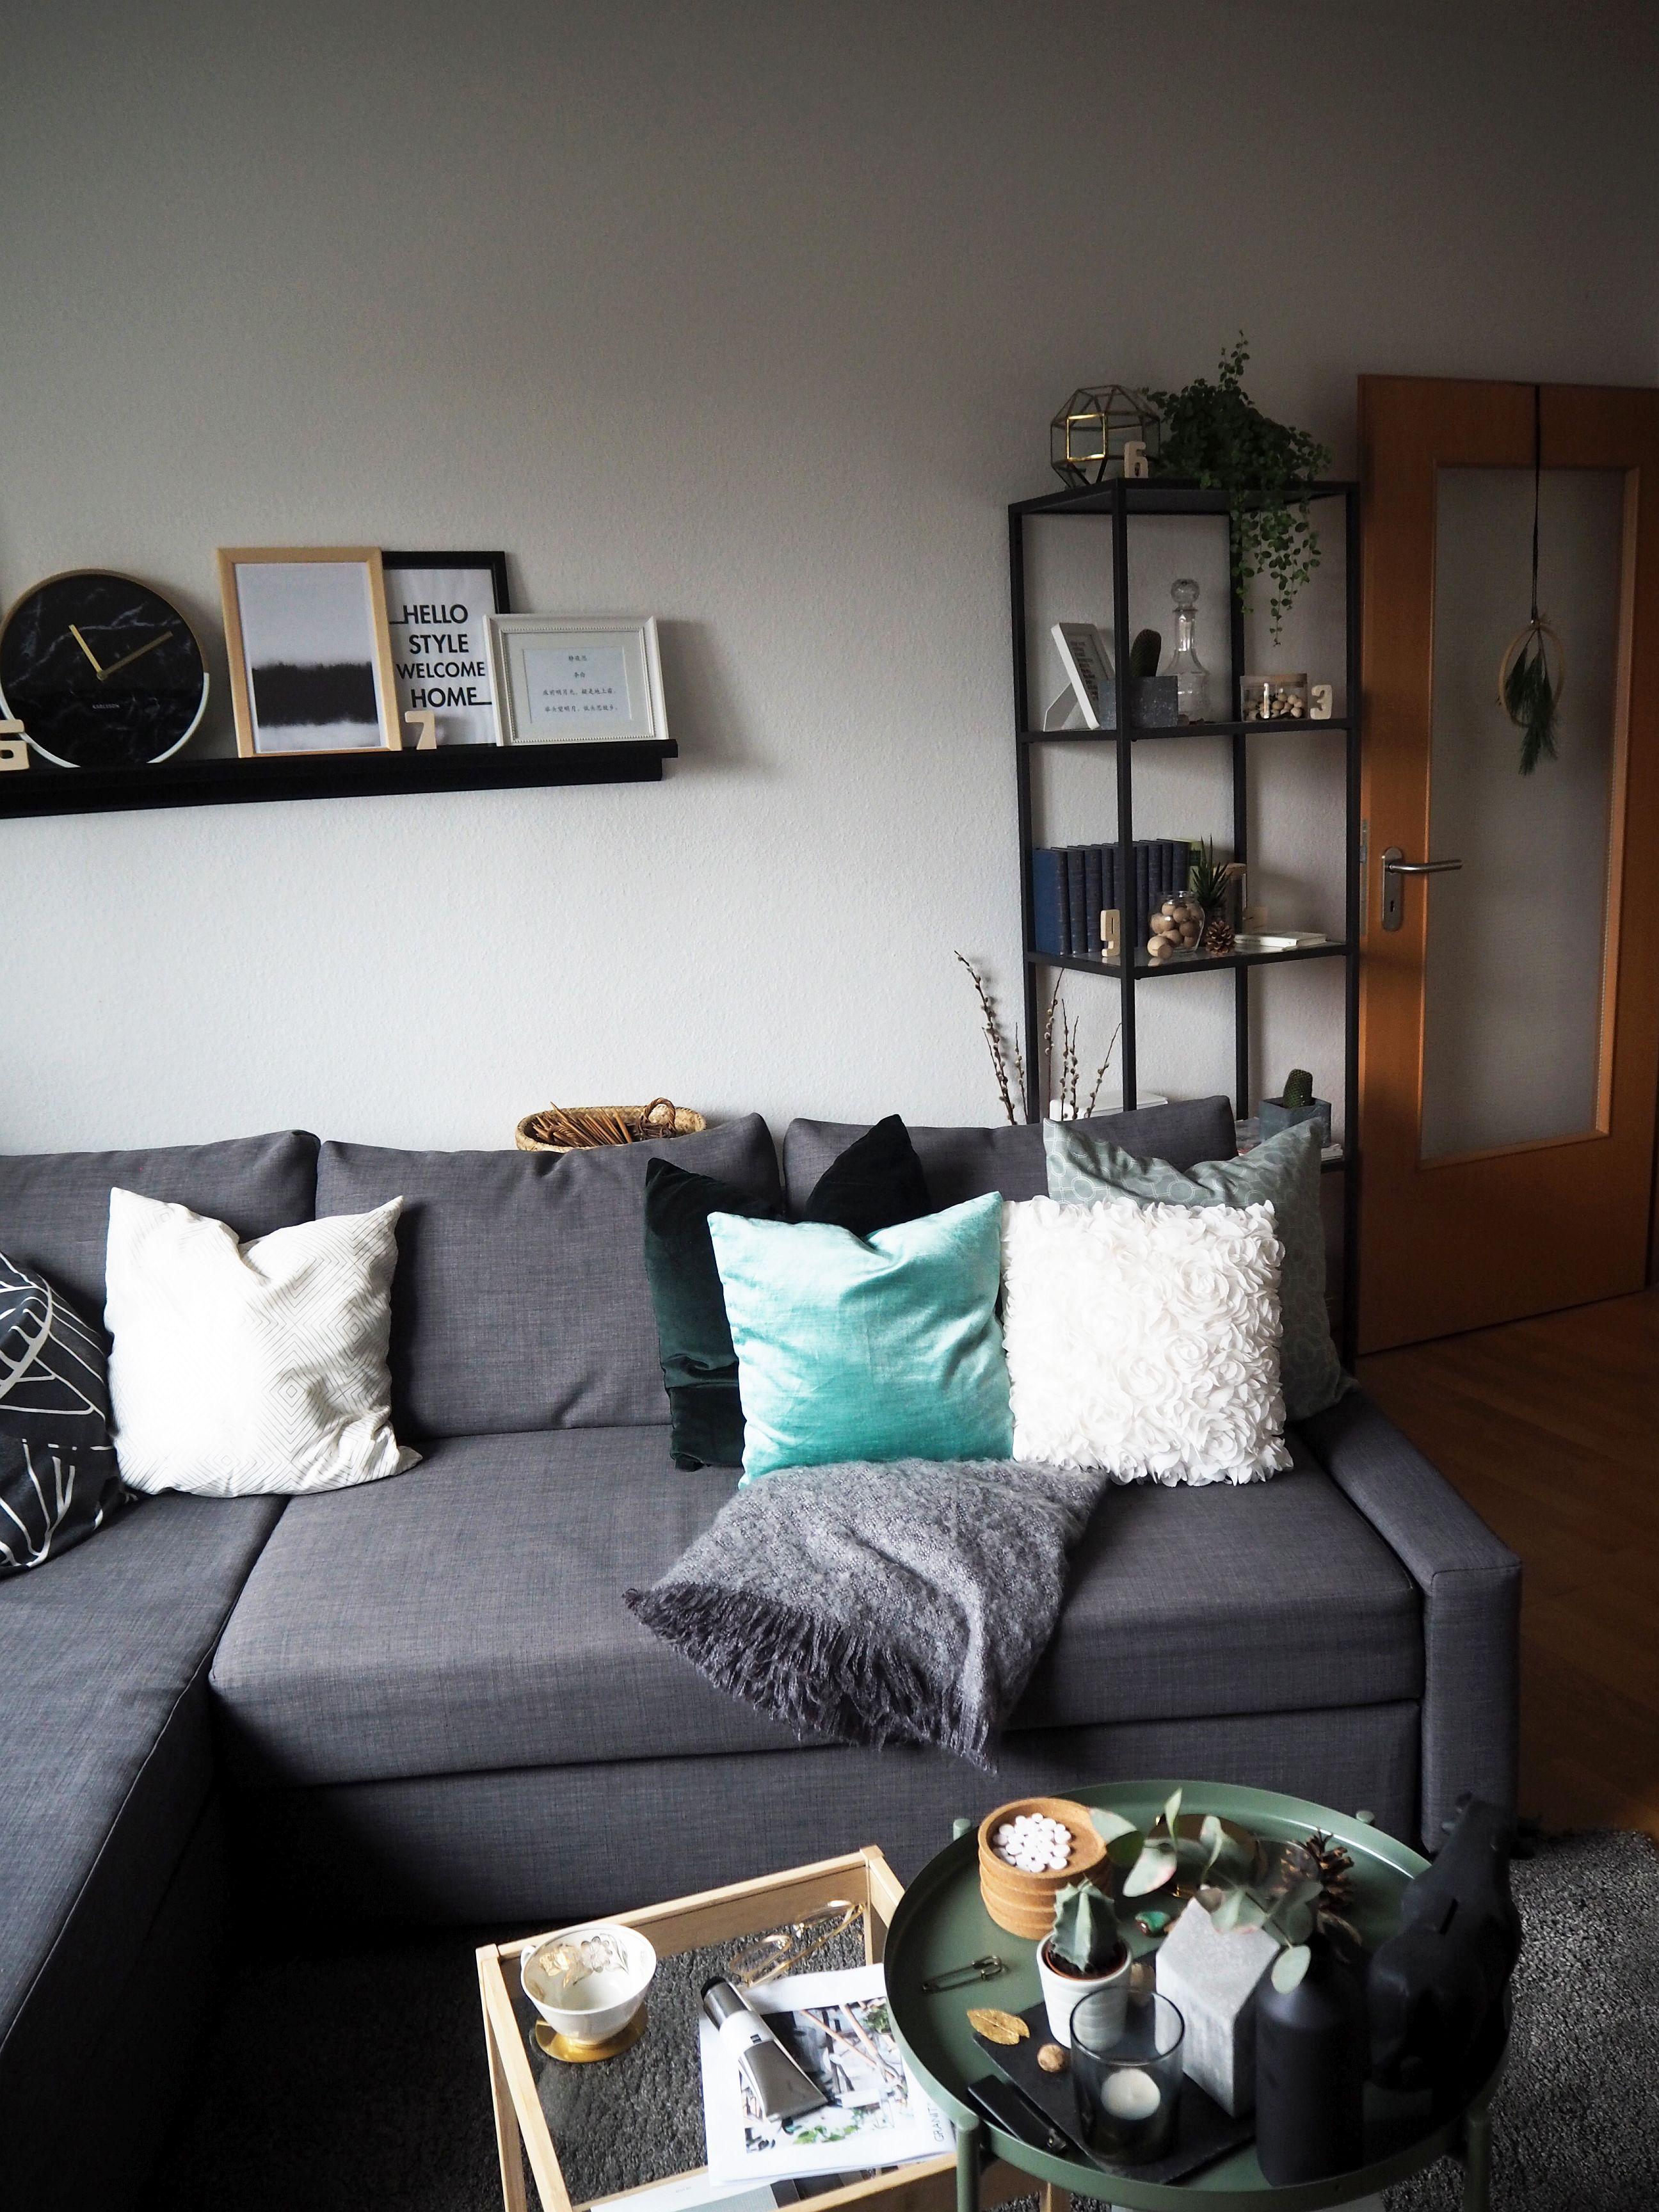 2017-12-skoen-och-kreativ-interior-wohnzimmer-update-weihnachtsstimmung-in-gruen (12)